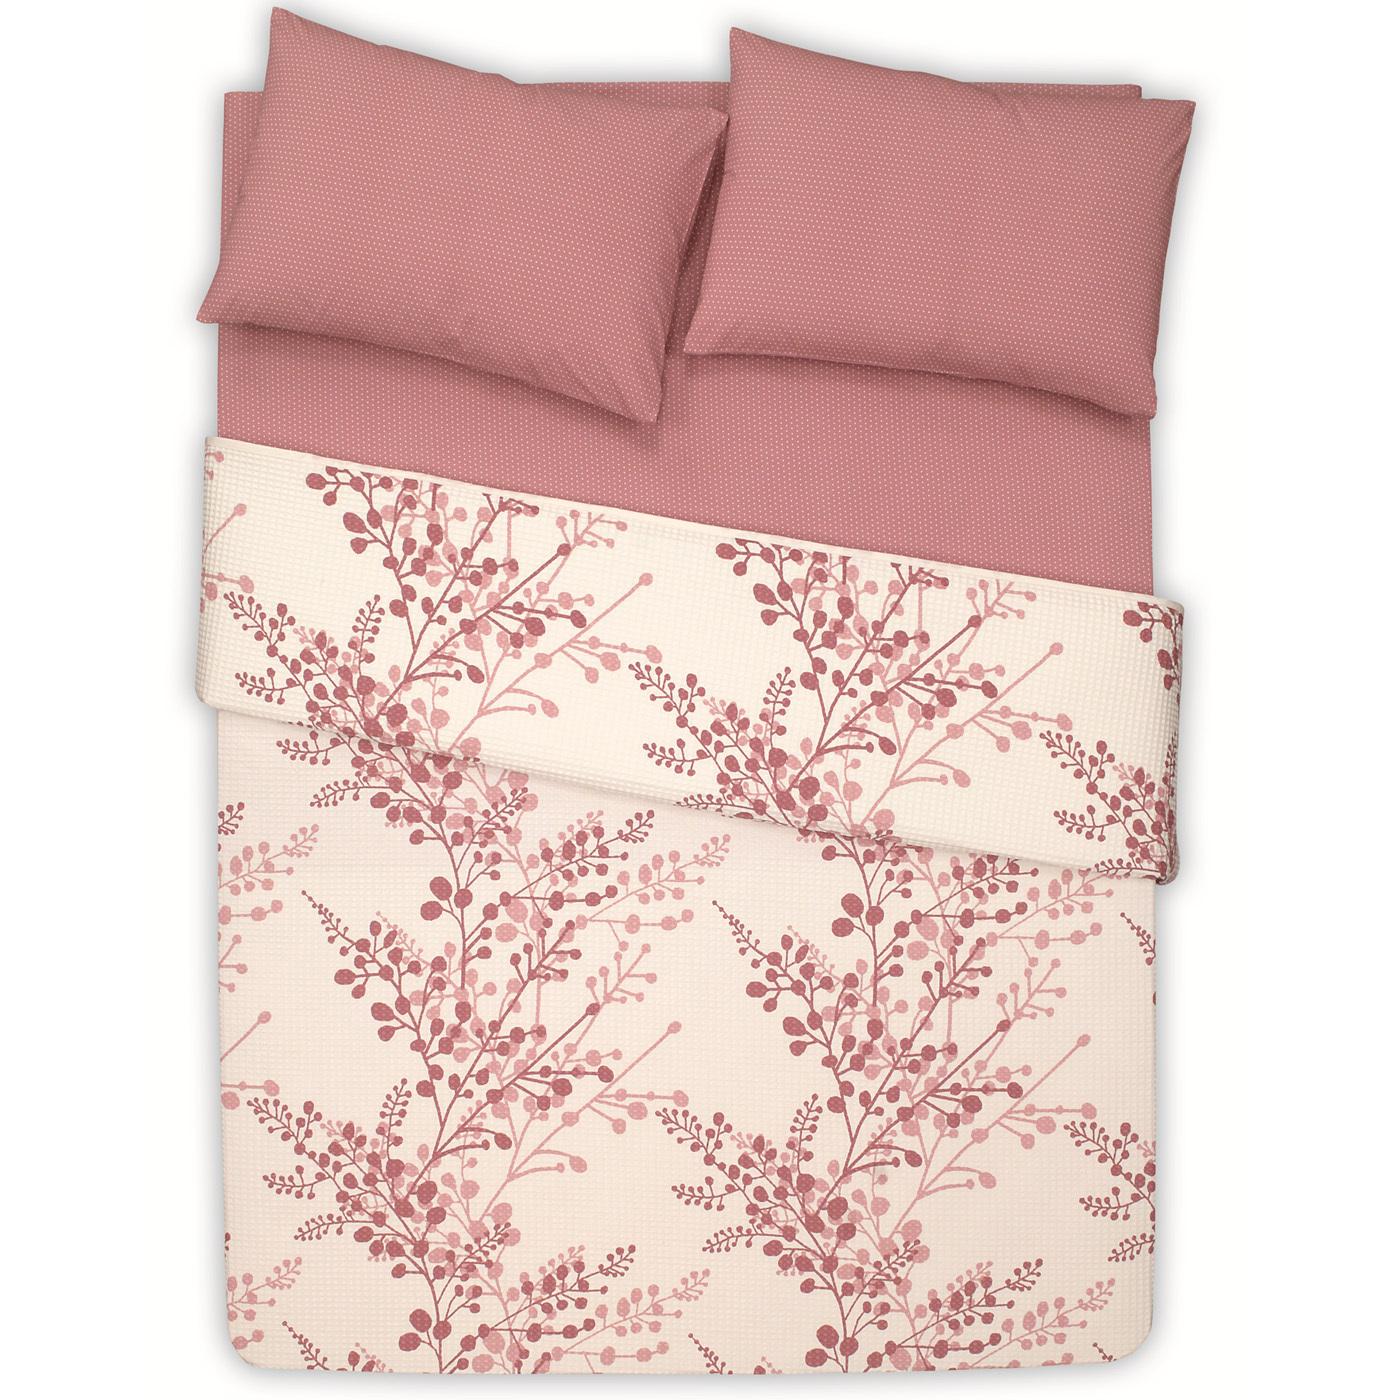 Купить Комплект постельного белья Twings Pink Euro, inmyroom, Турция